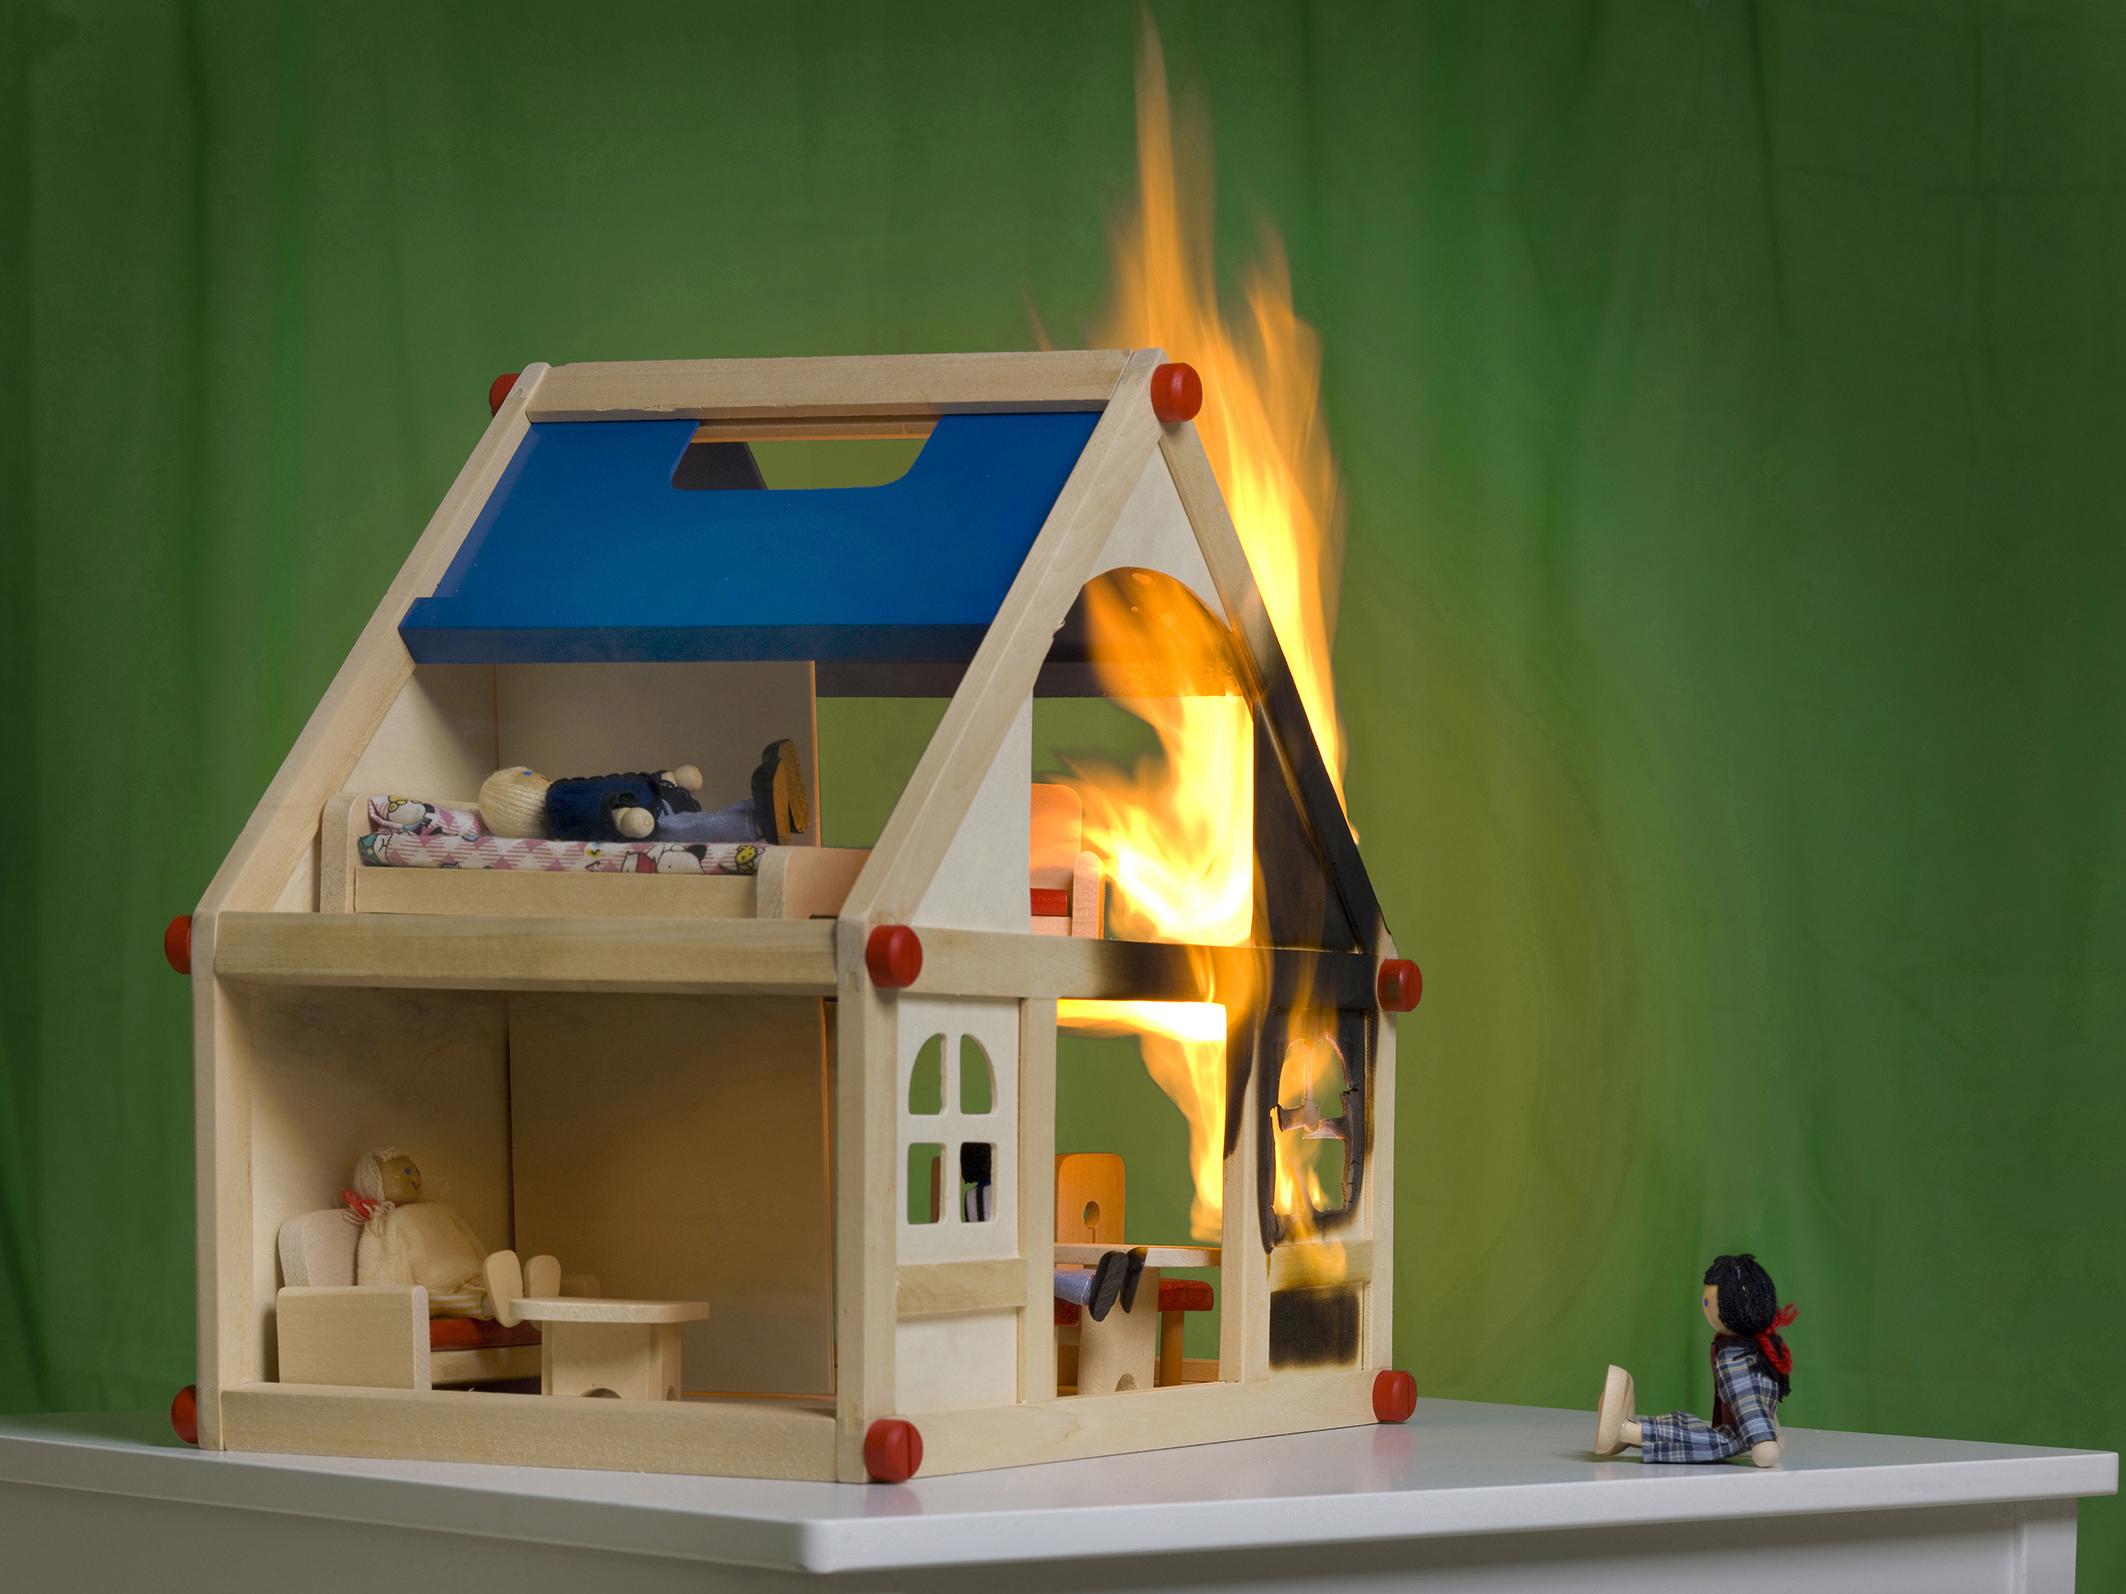 Rauchmelder Pflicht Eigenheim rauchmelderpflicht gilt auch für selbstgenutzte immobilien freitag